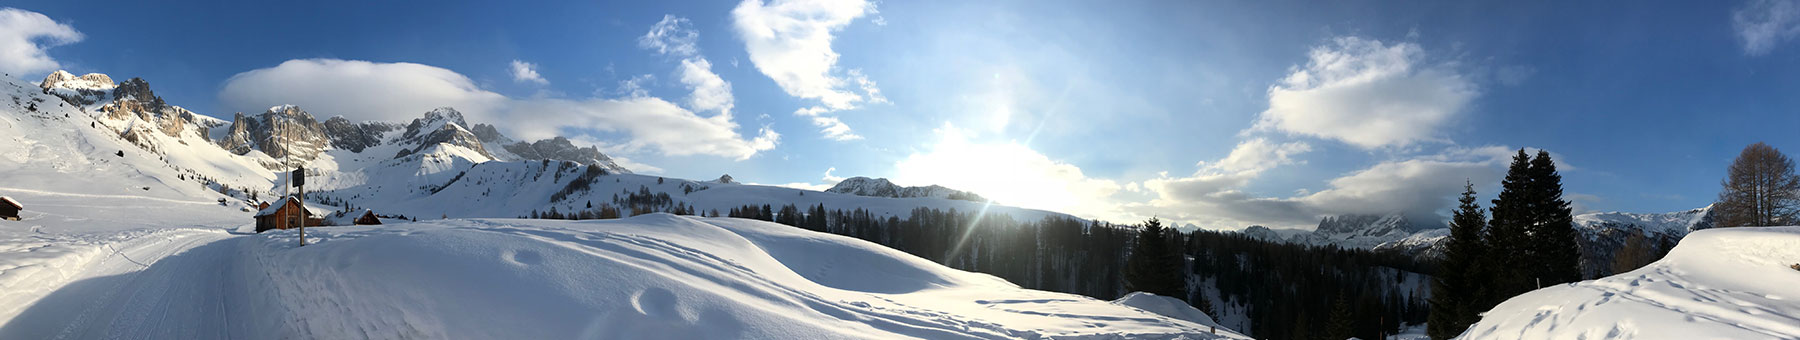 Giornata di sole invernale